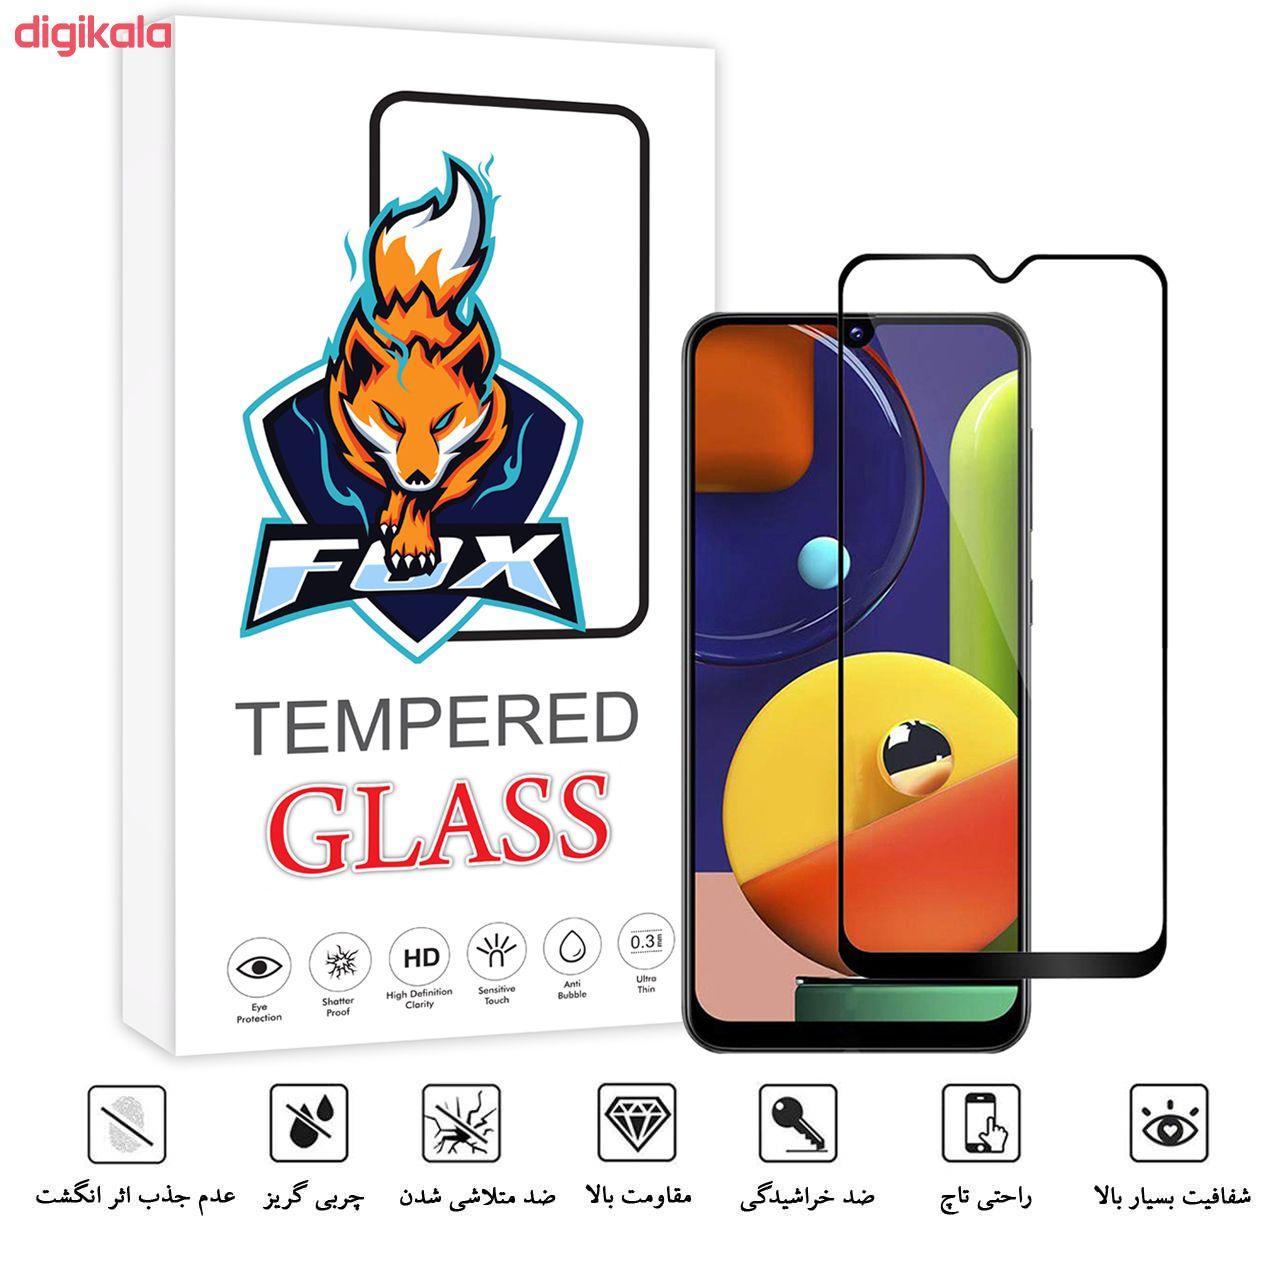 محافظ صفحه نمایش فوکس مدل PT001 مناسب برای گوشی موبایل سامسونگ Galaxy A50s main 1 2